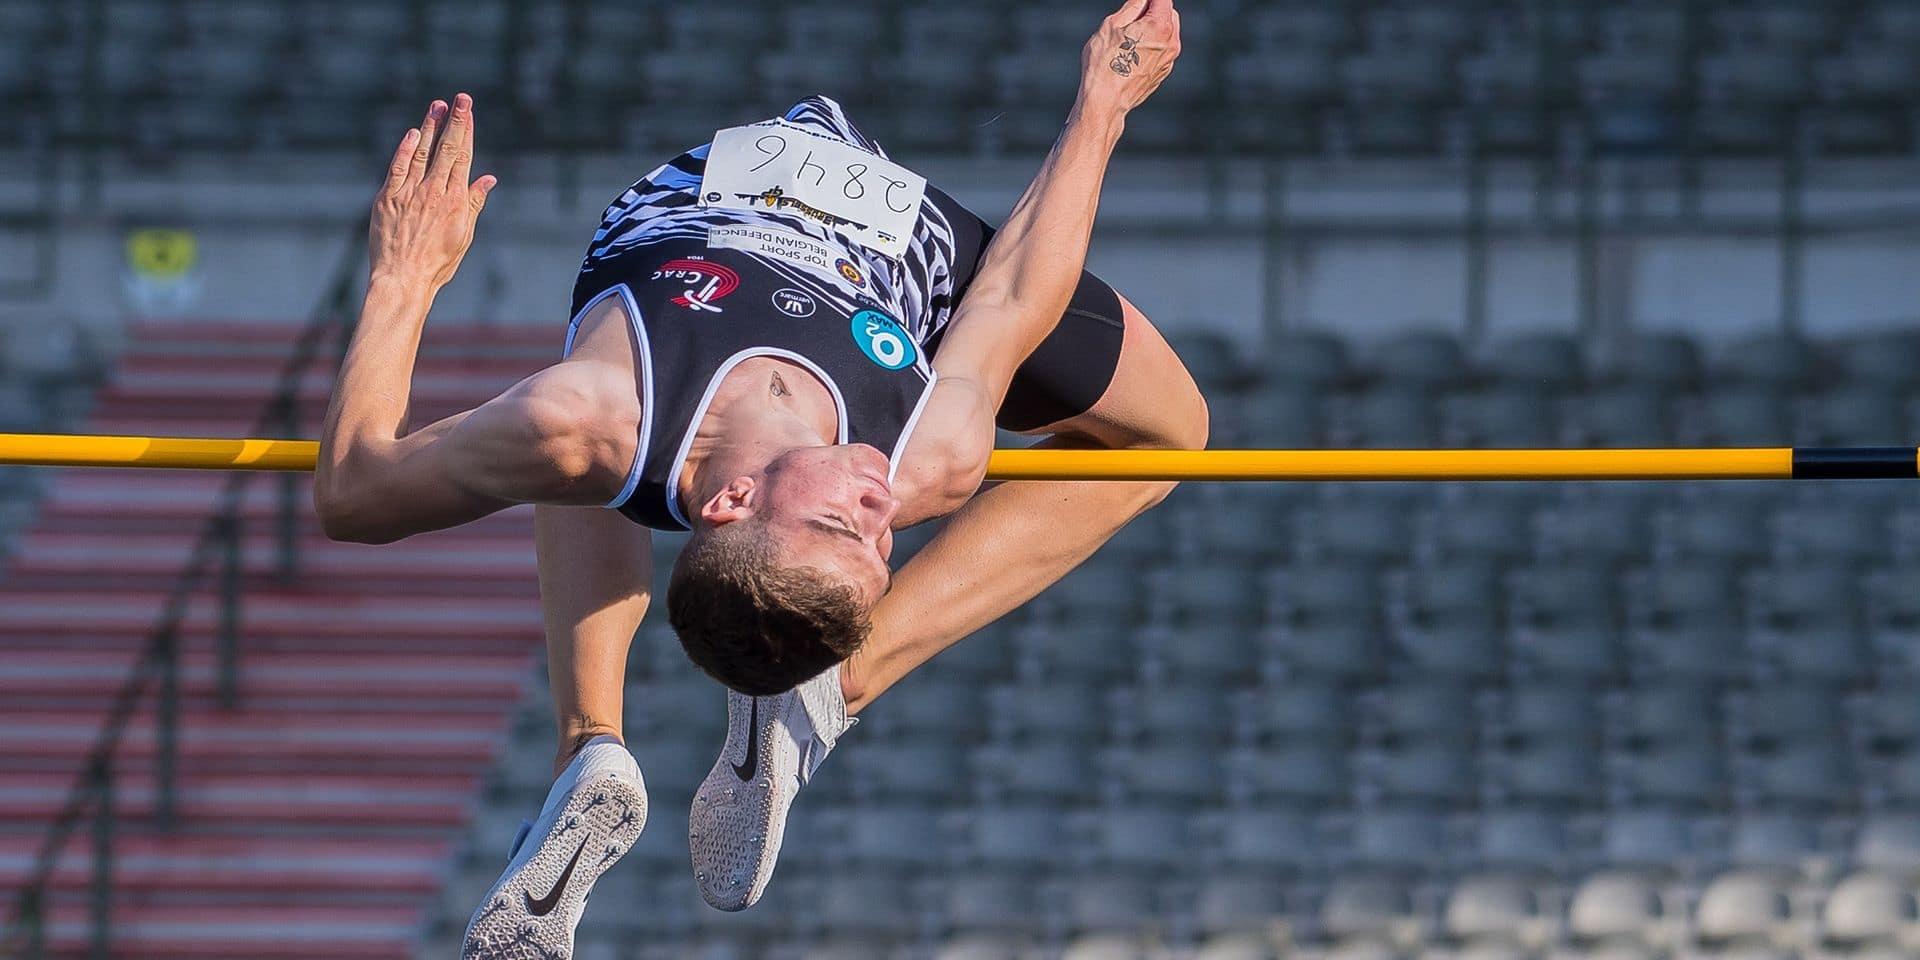 Thomas Carmoy, le sauteur sans complexes: il est de loin le plus précoce des spécialistes belges de la hauteur!